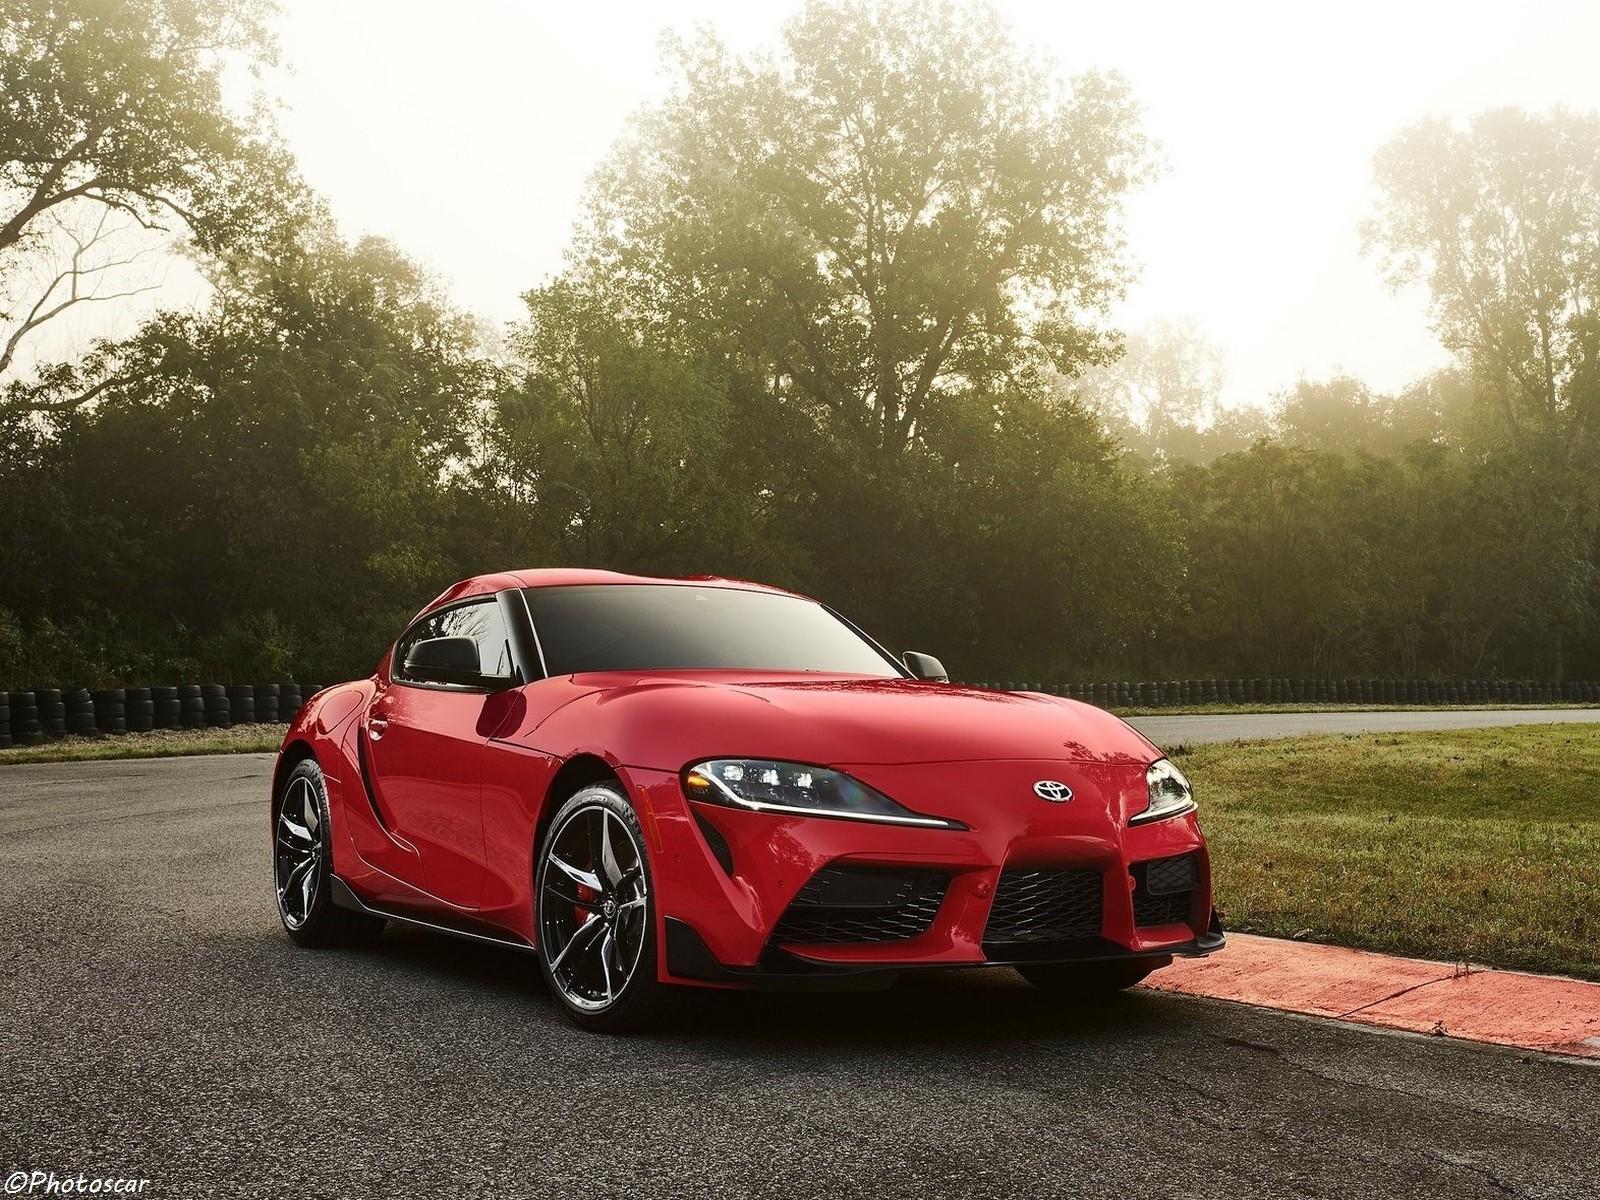 Toyota Supra 2020: Nouveau coupé sport deux places à propulsion arrière